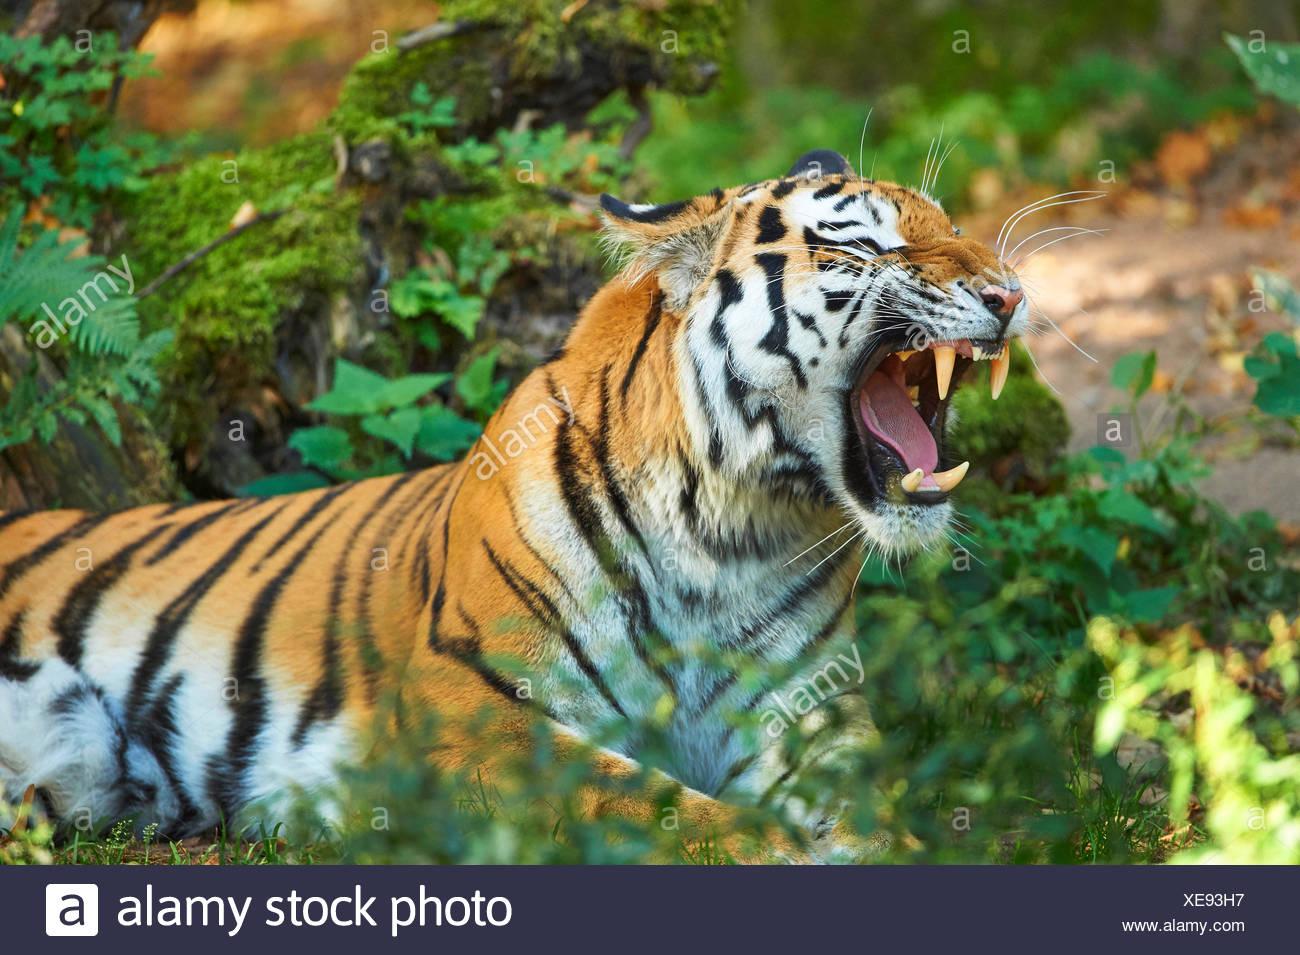 Siberian tiger, Amurian tiger (Panthera tigris altaica), roaring - Stock Image